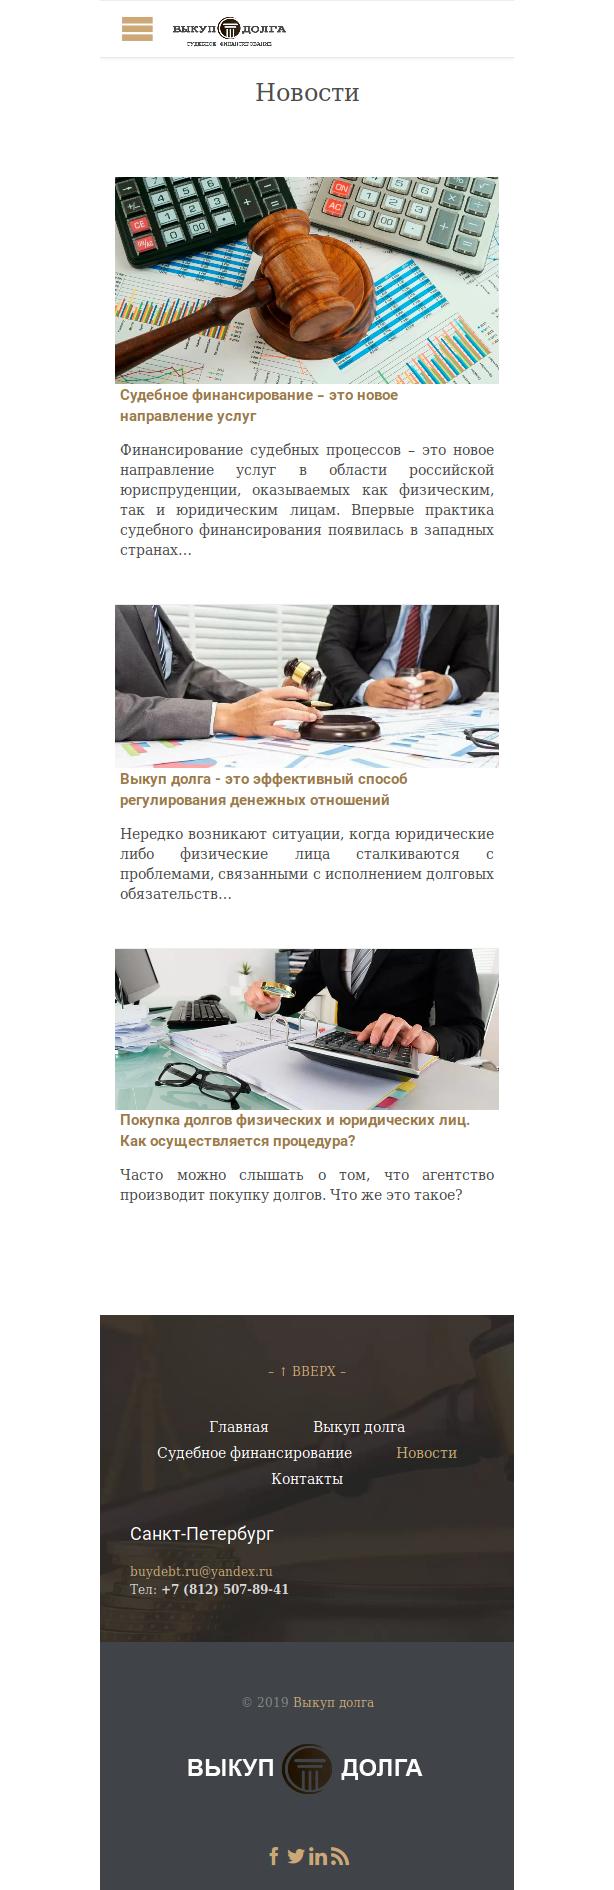 Портфолио Сайт Выкуп долга, Новости - адаптивная